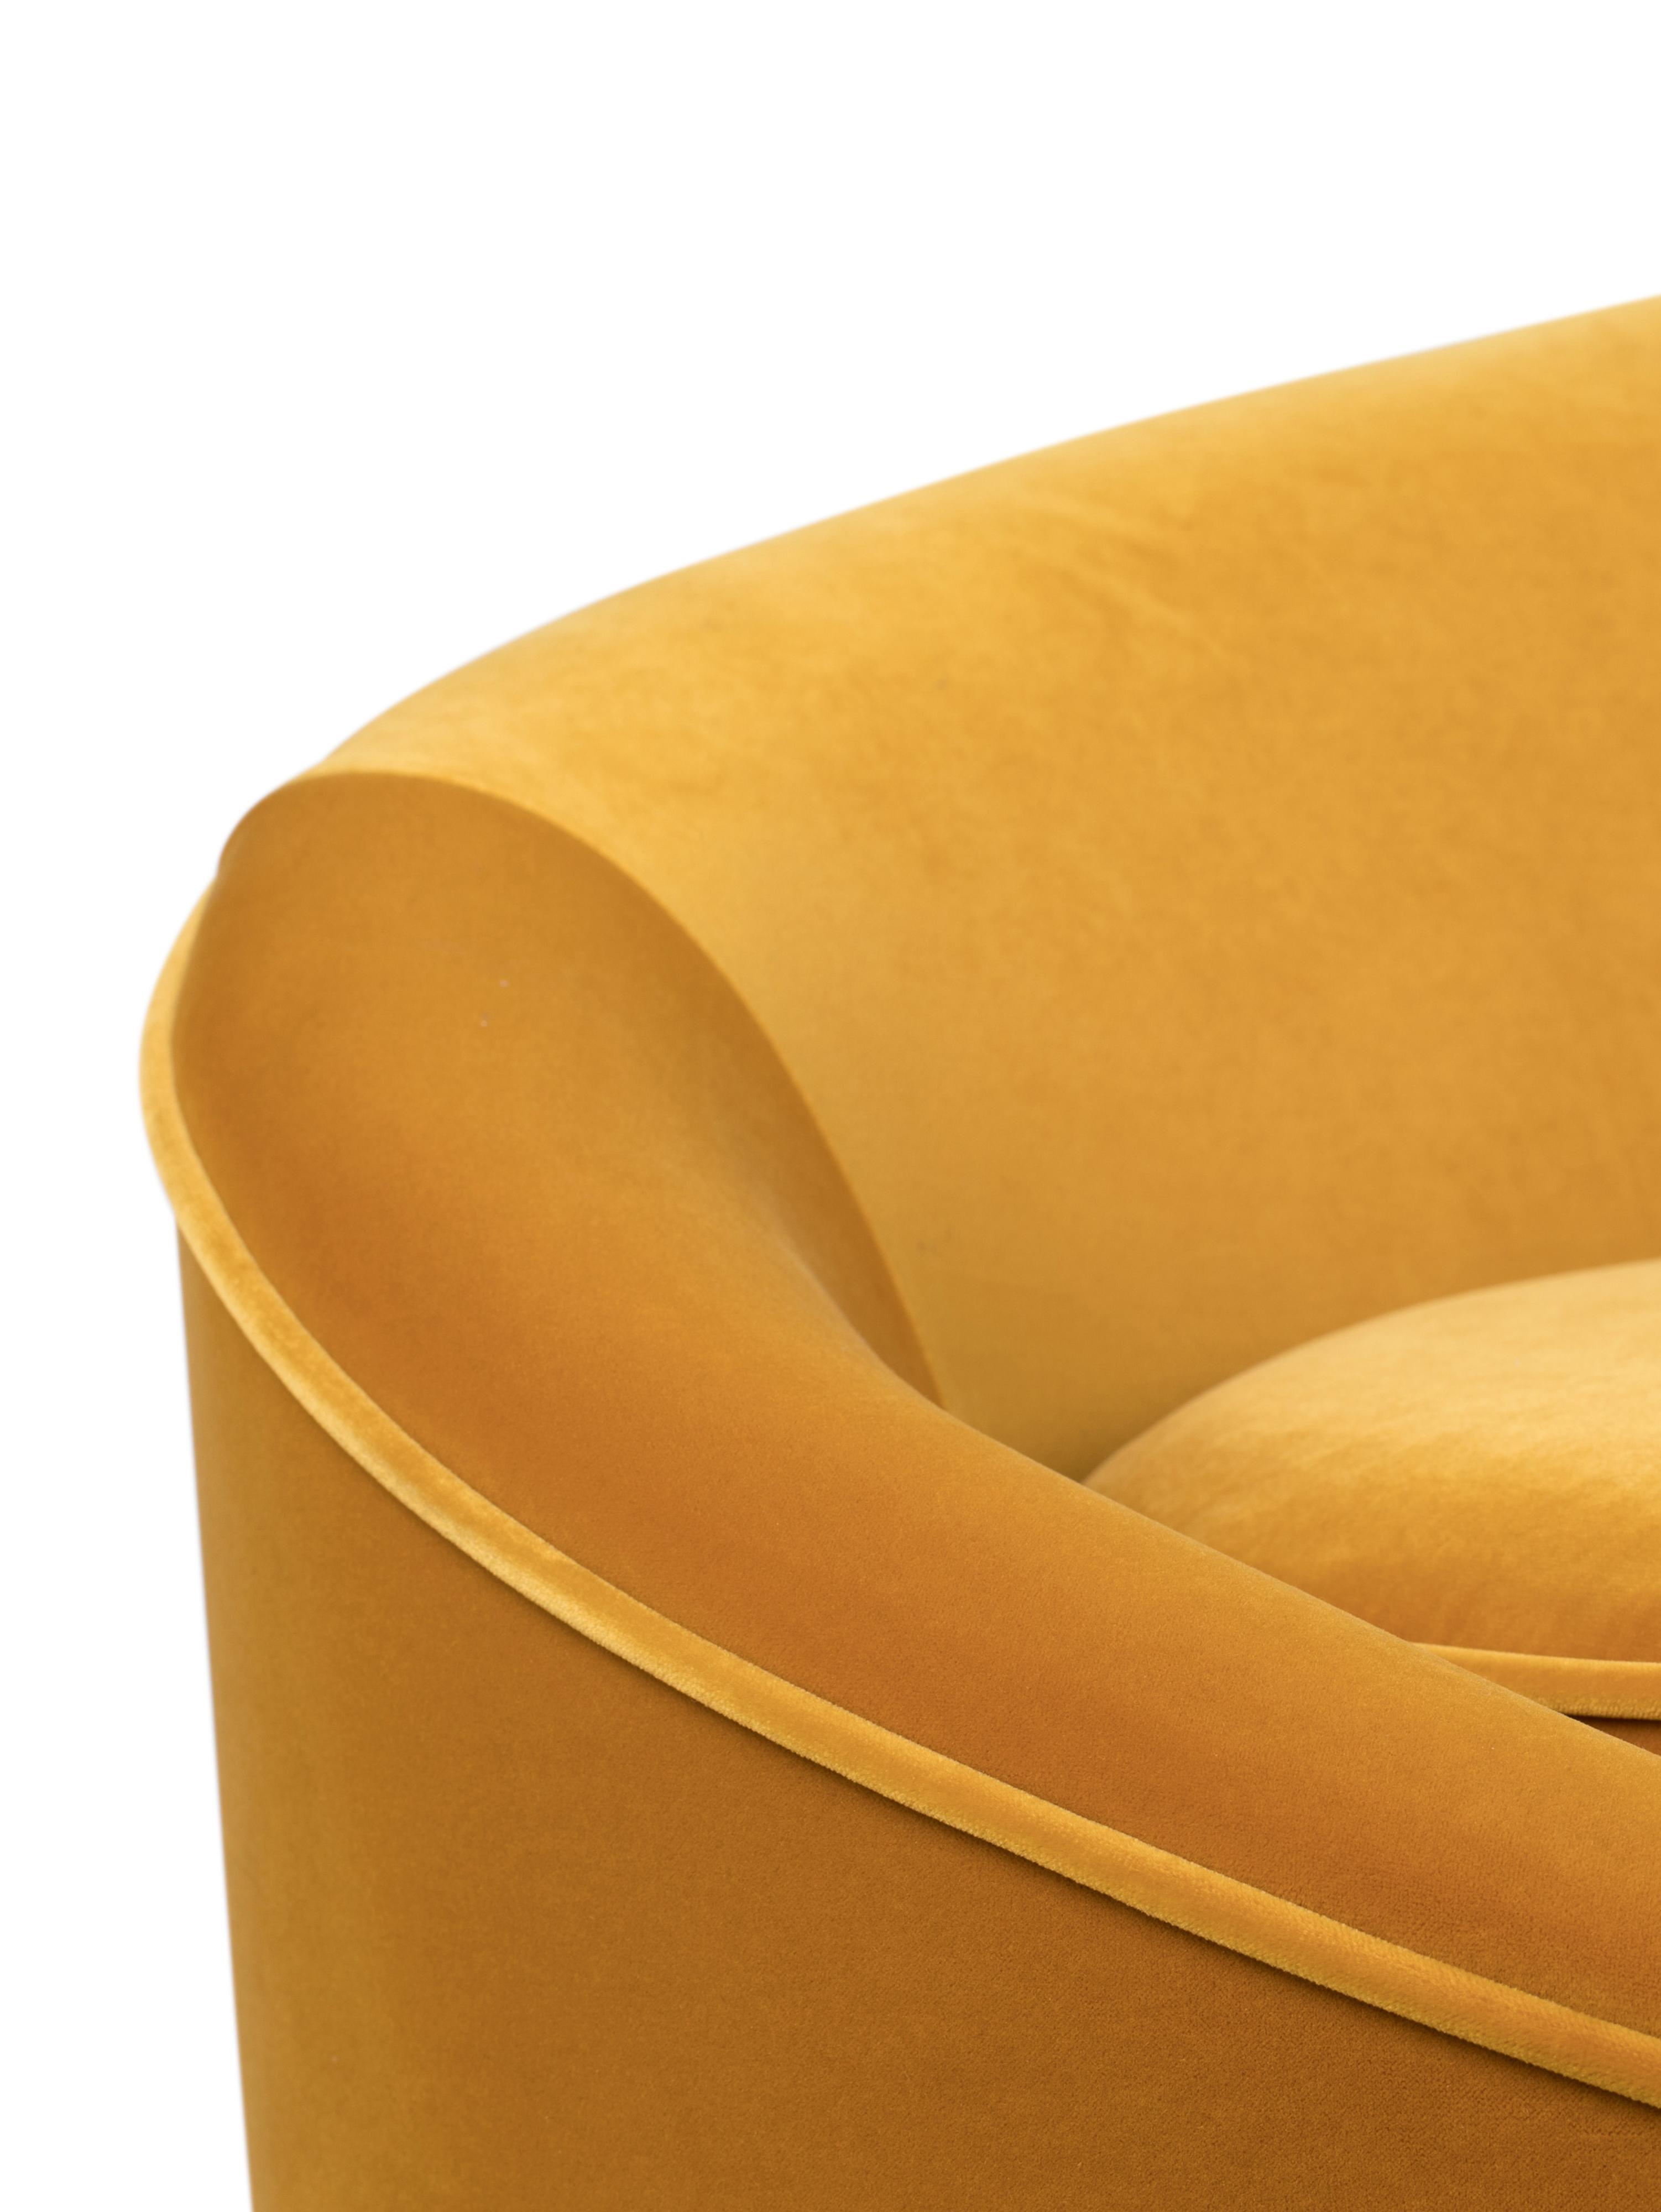 Sametová pohovka I Am Not A Croissant (2místná), Okrová žlutá